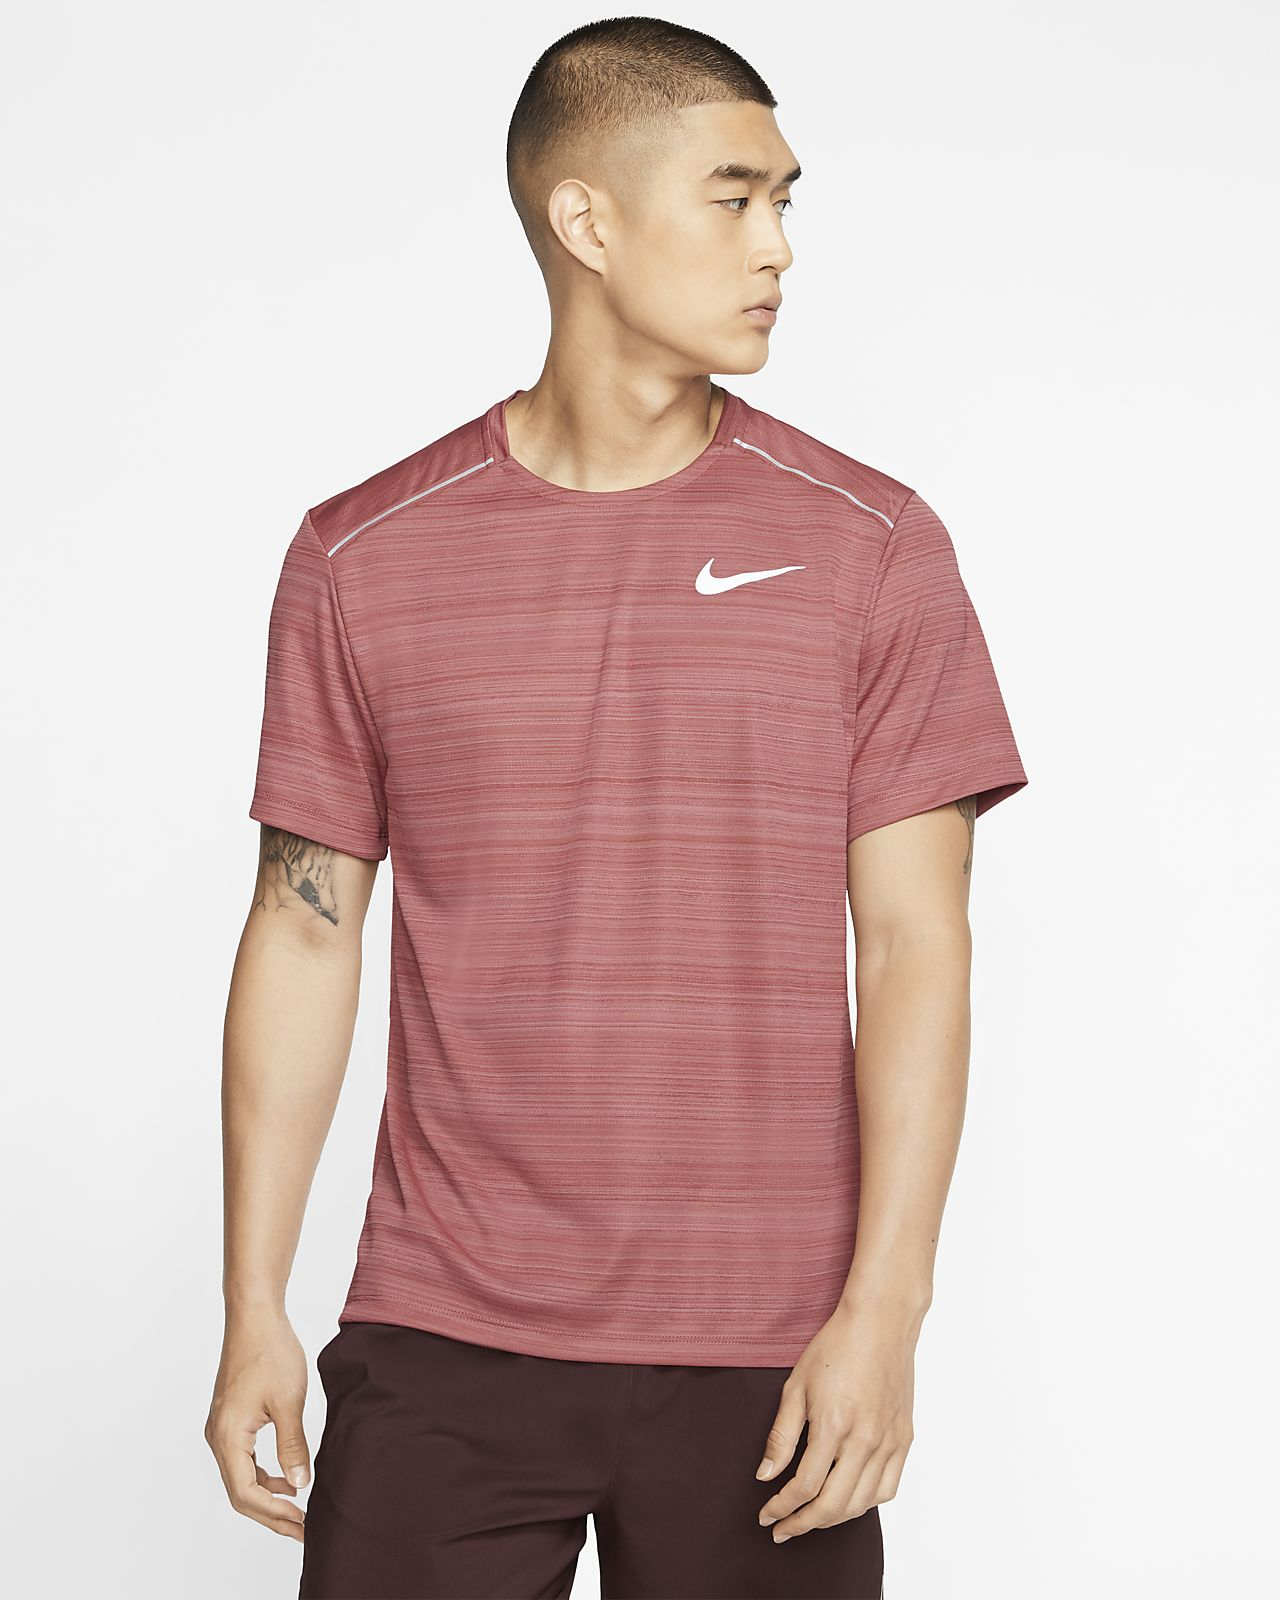 Nike Dri-FIT Miler Kısa Kollu Erkek Koşu Üstü